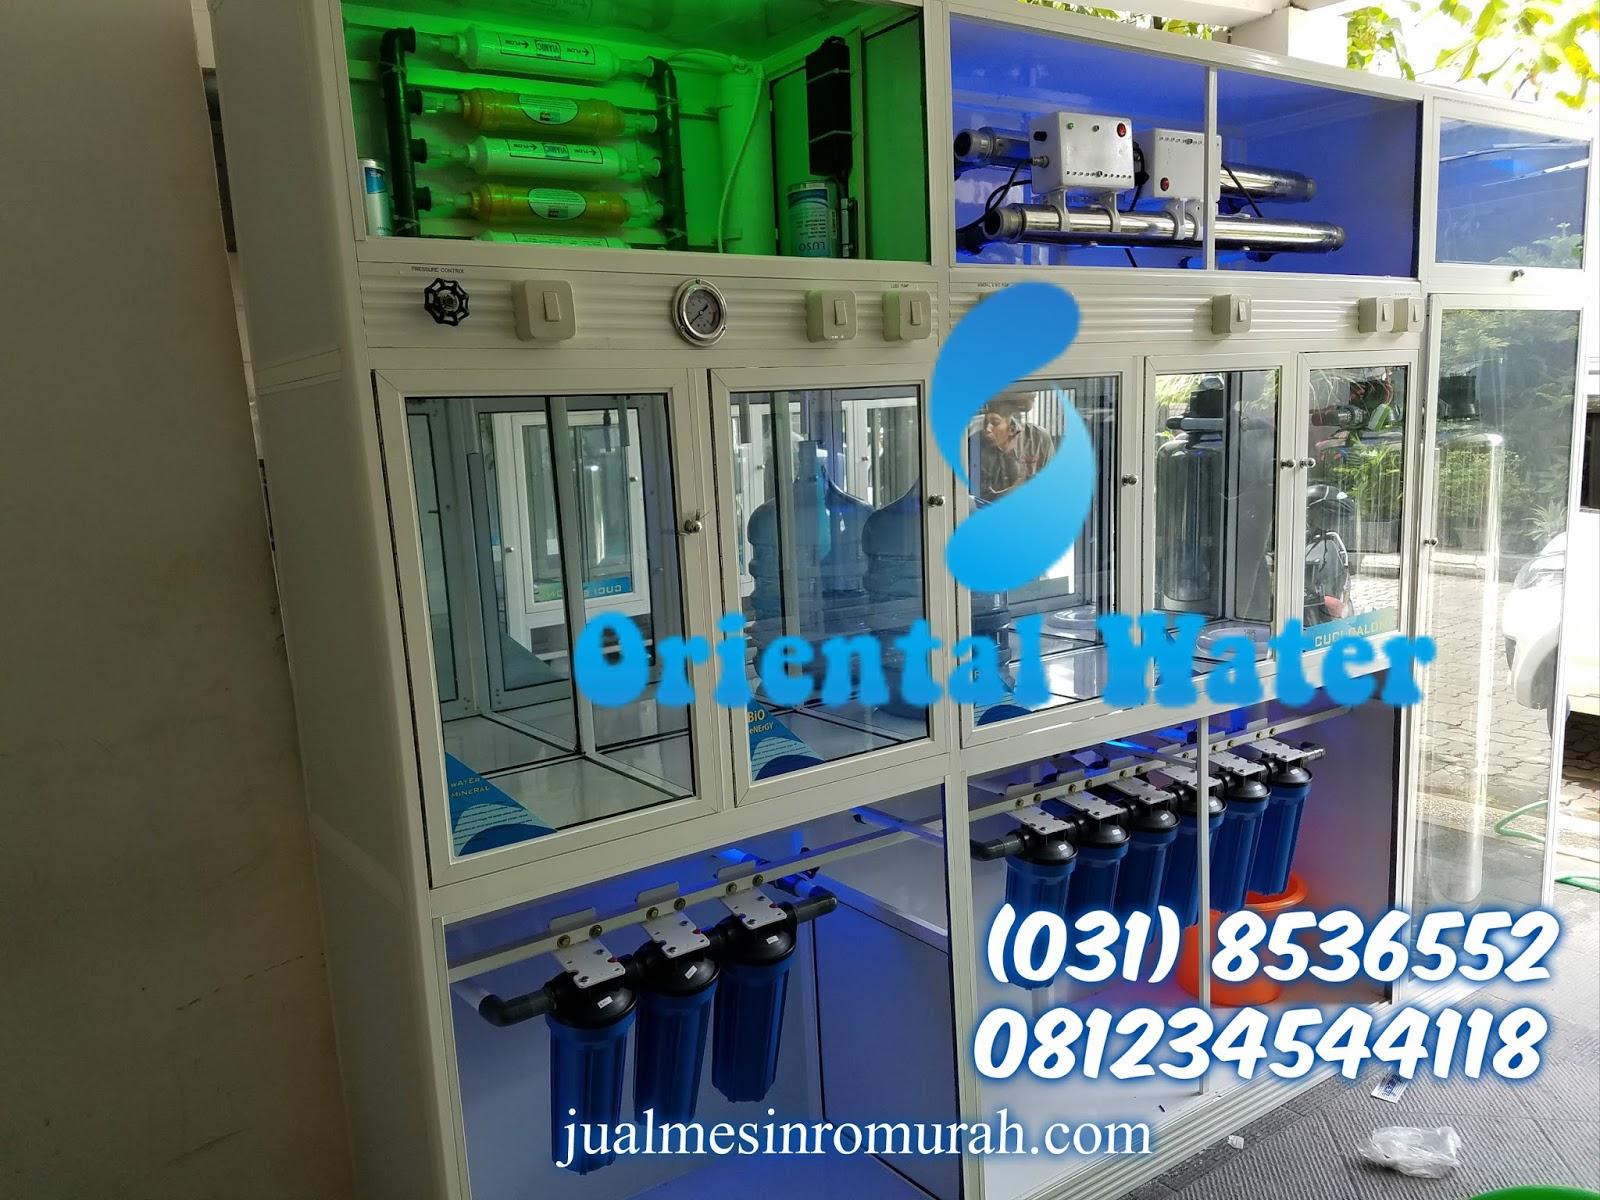 Depo Air Minum Isi Ulang Mesin Reverse Osmosis Tissue Galon Paket Ro Alkalin Bio Energi Low Watt Rp 29000000